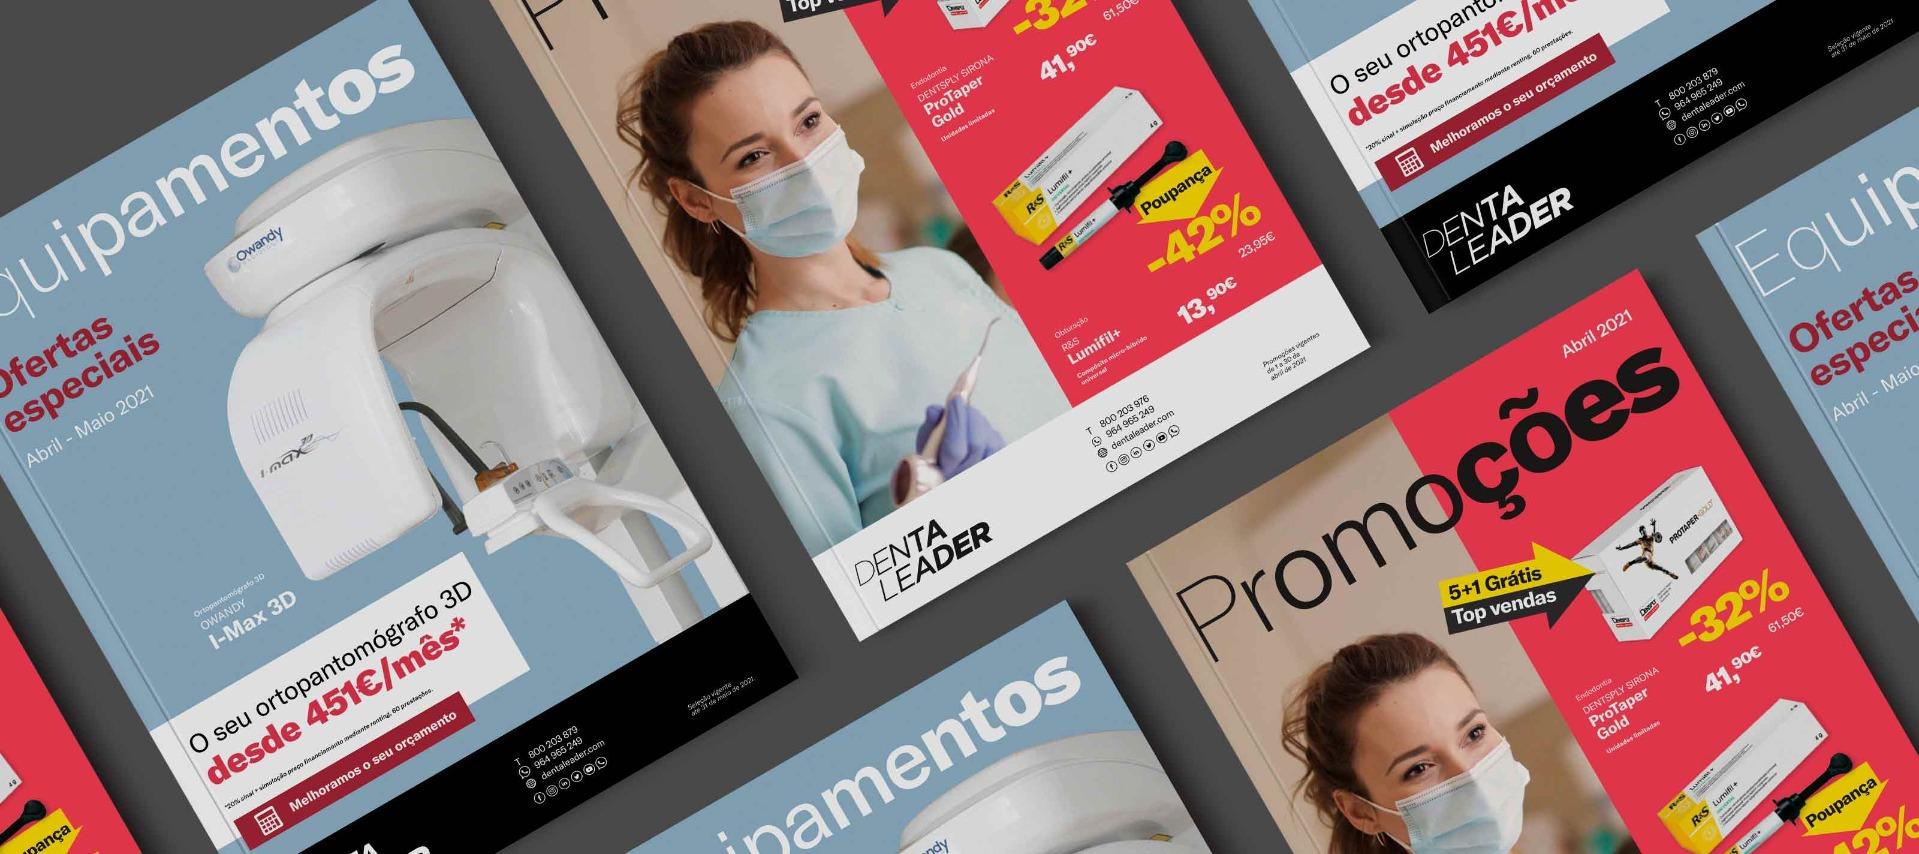 Oferta de produtos Dentaleader